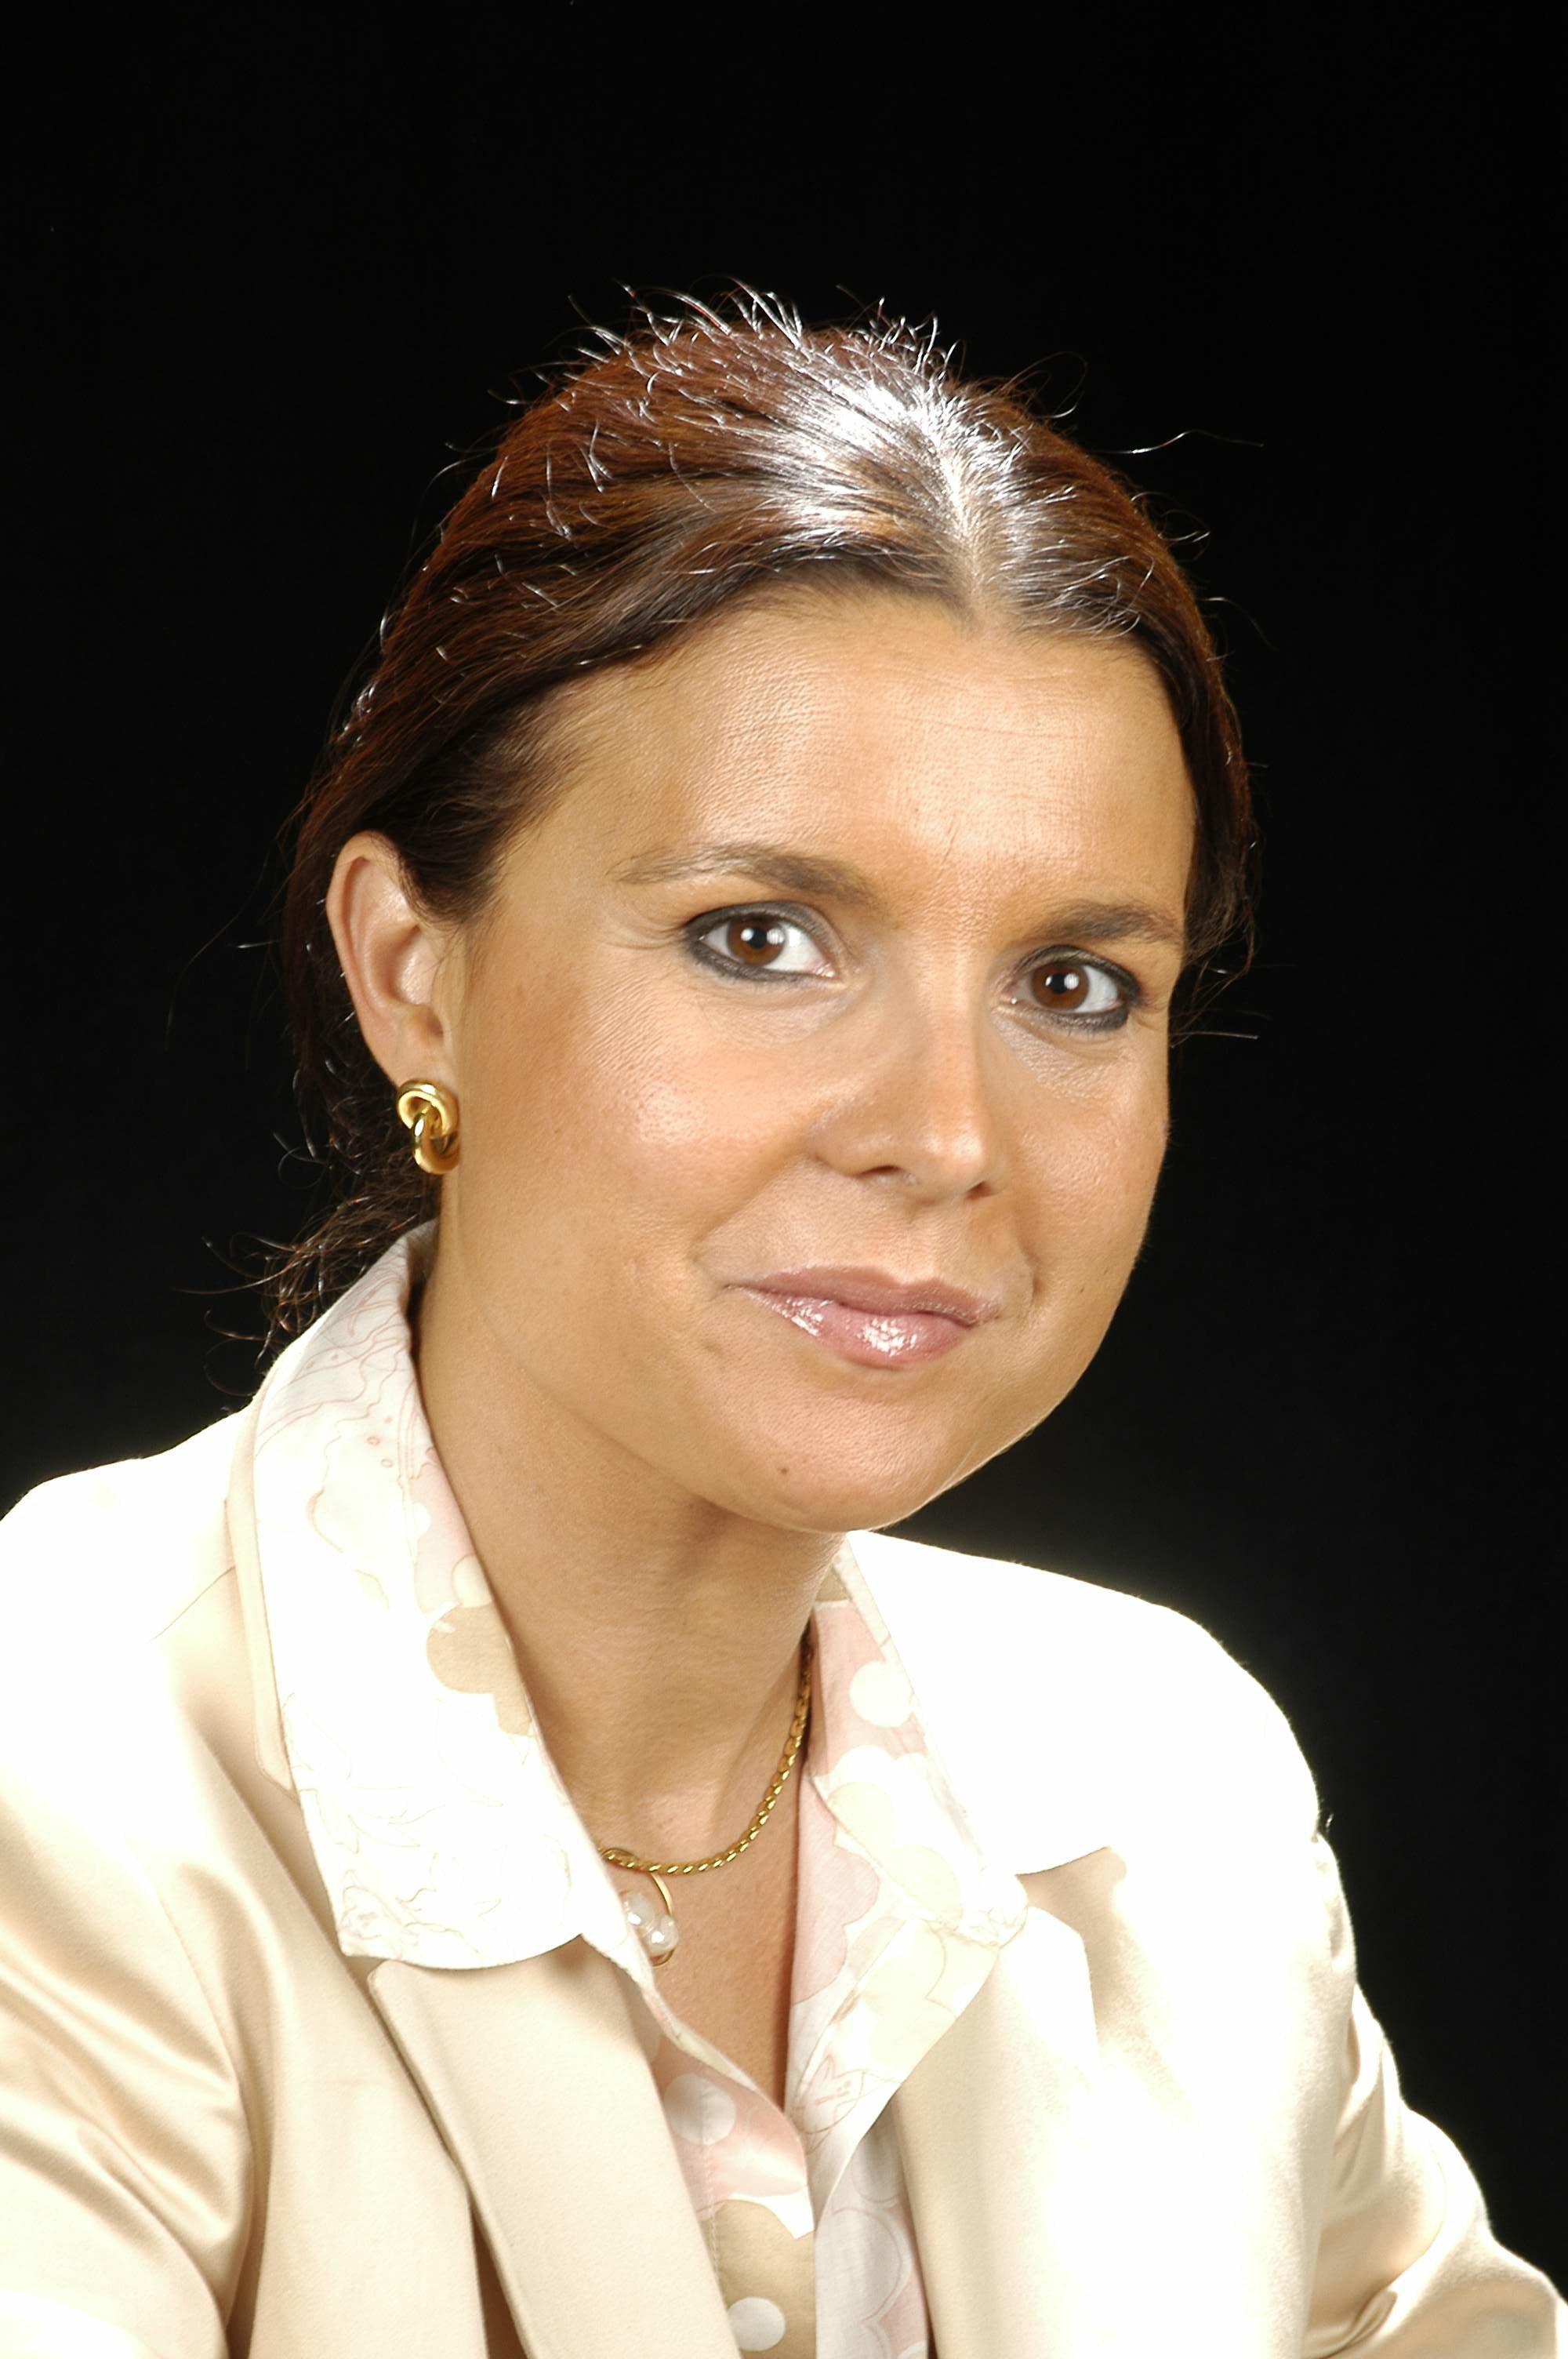 Dra. Montse Folch Munuera